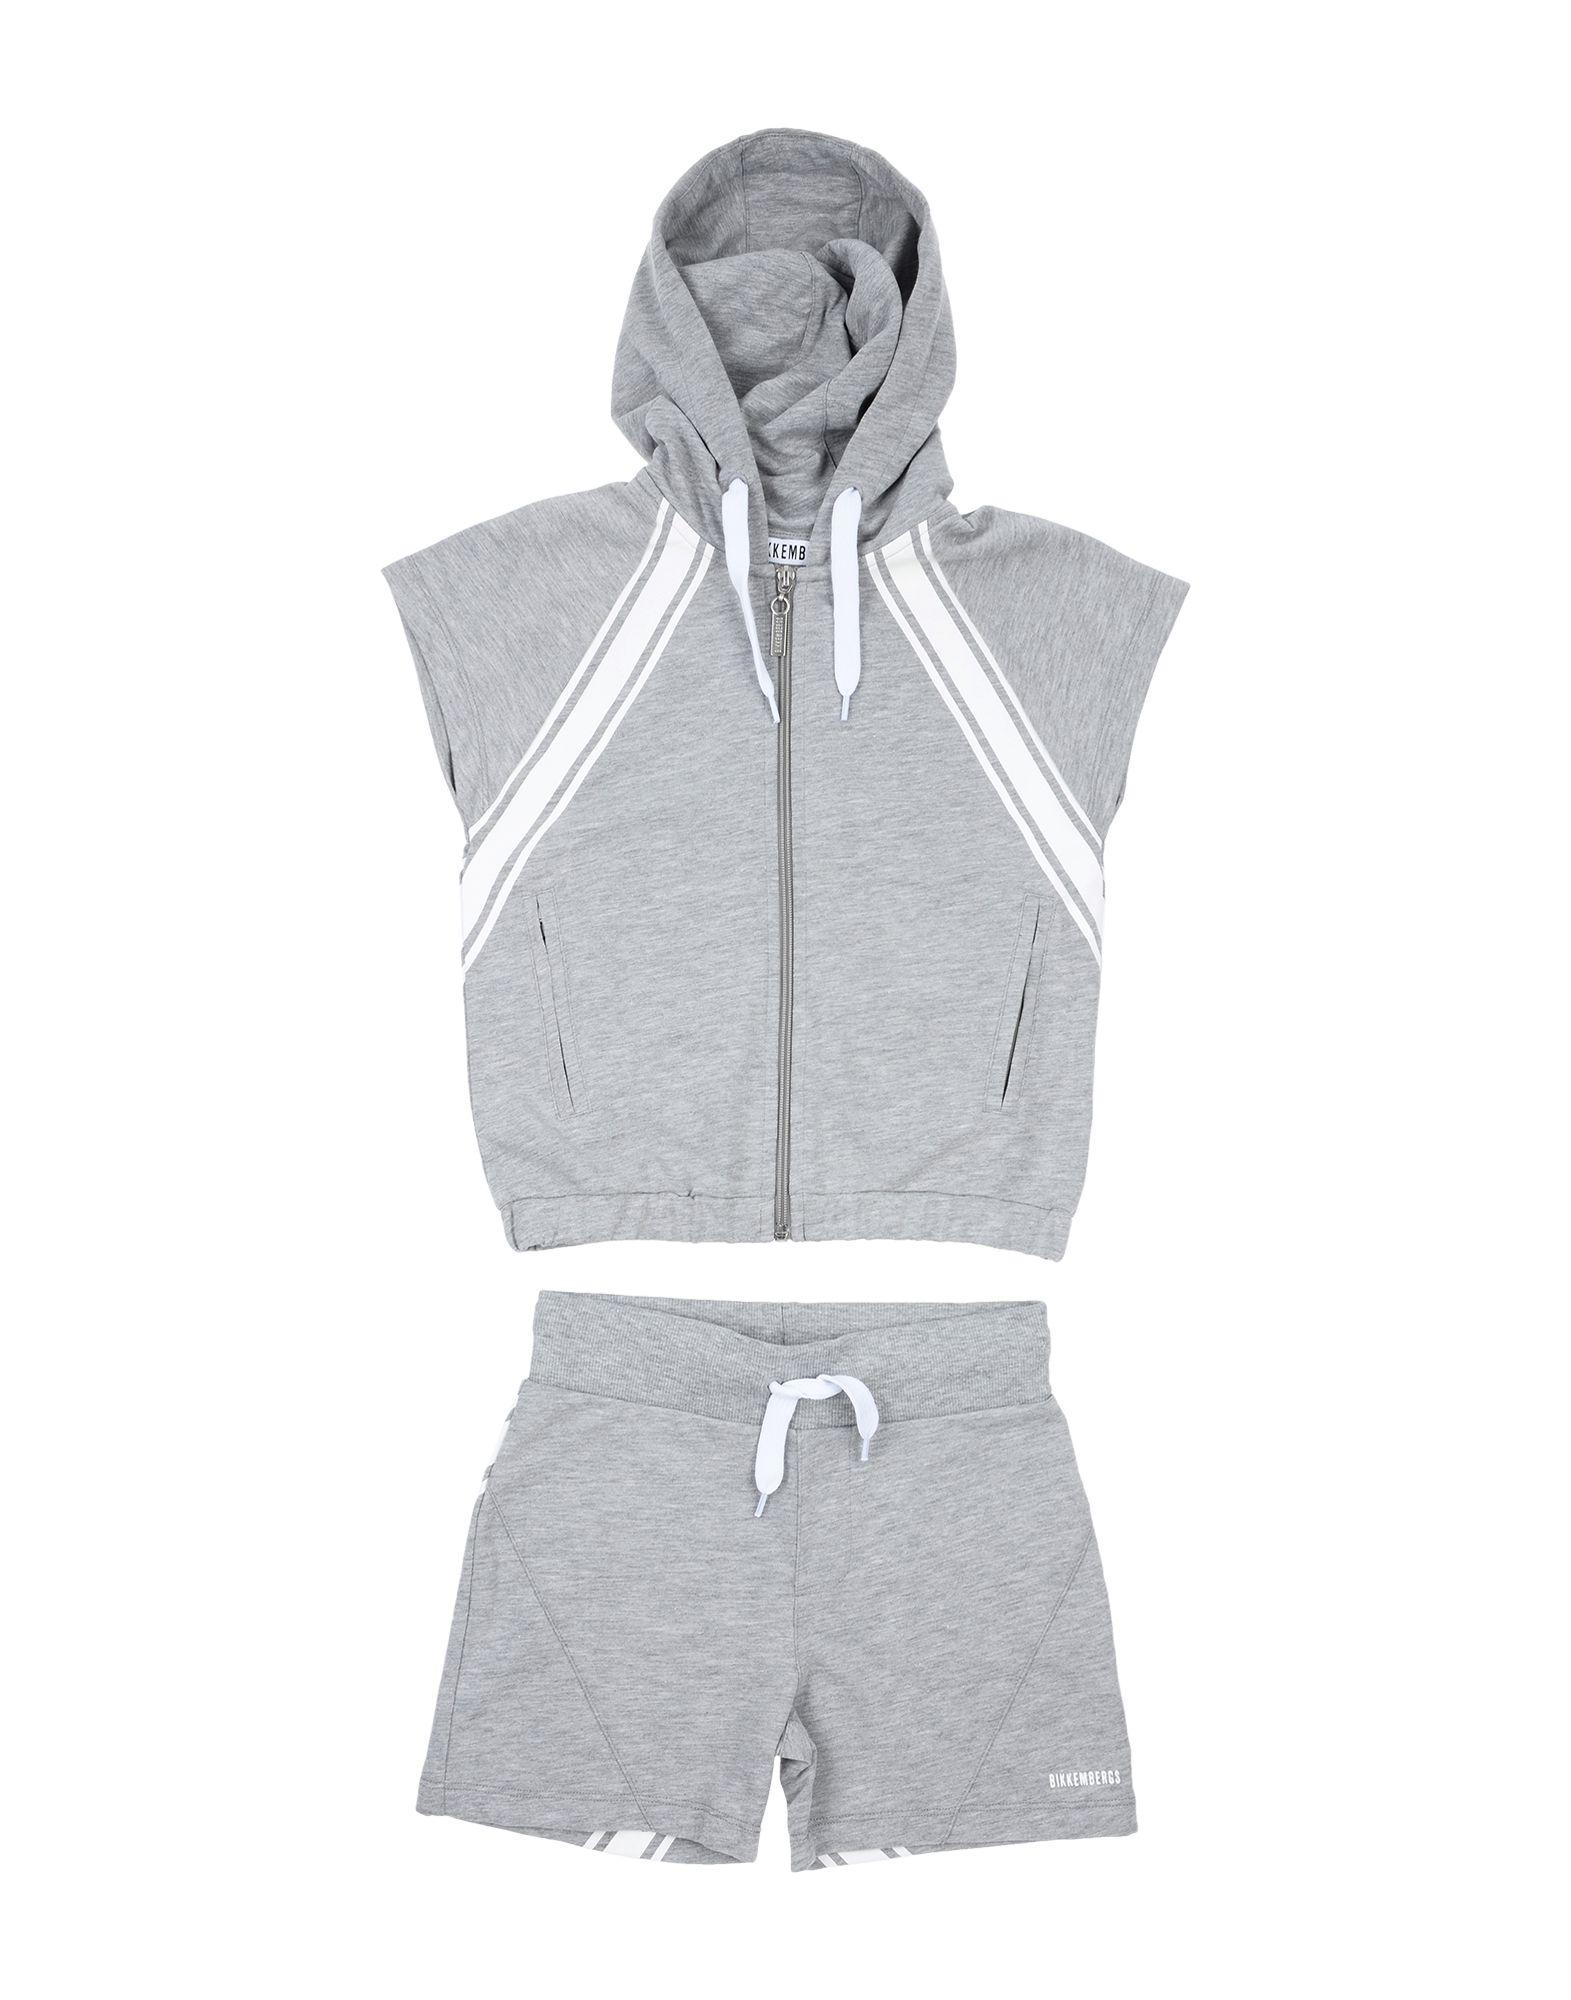 Фото - BIKKEMBERGS Спортивный костюм спортивный костюм xtep 2015 r1